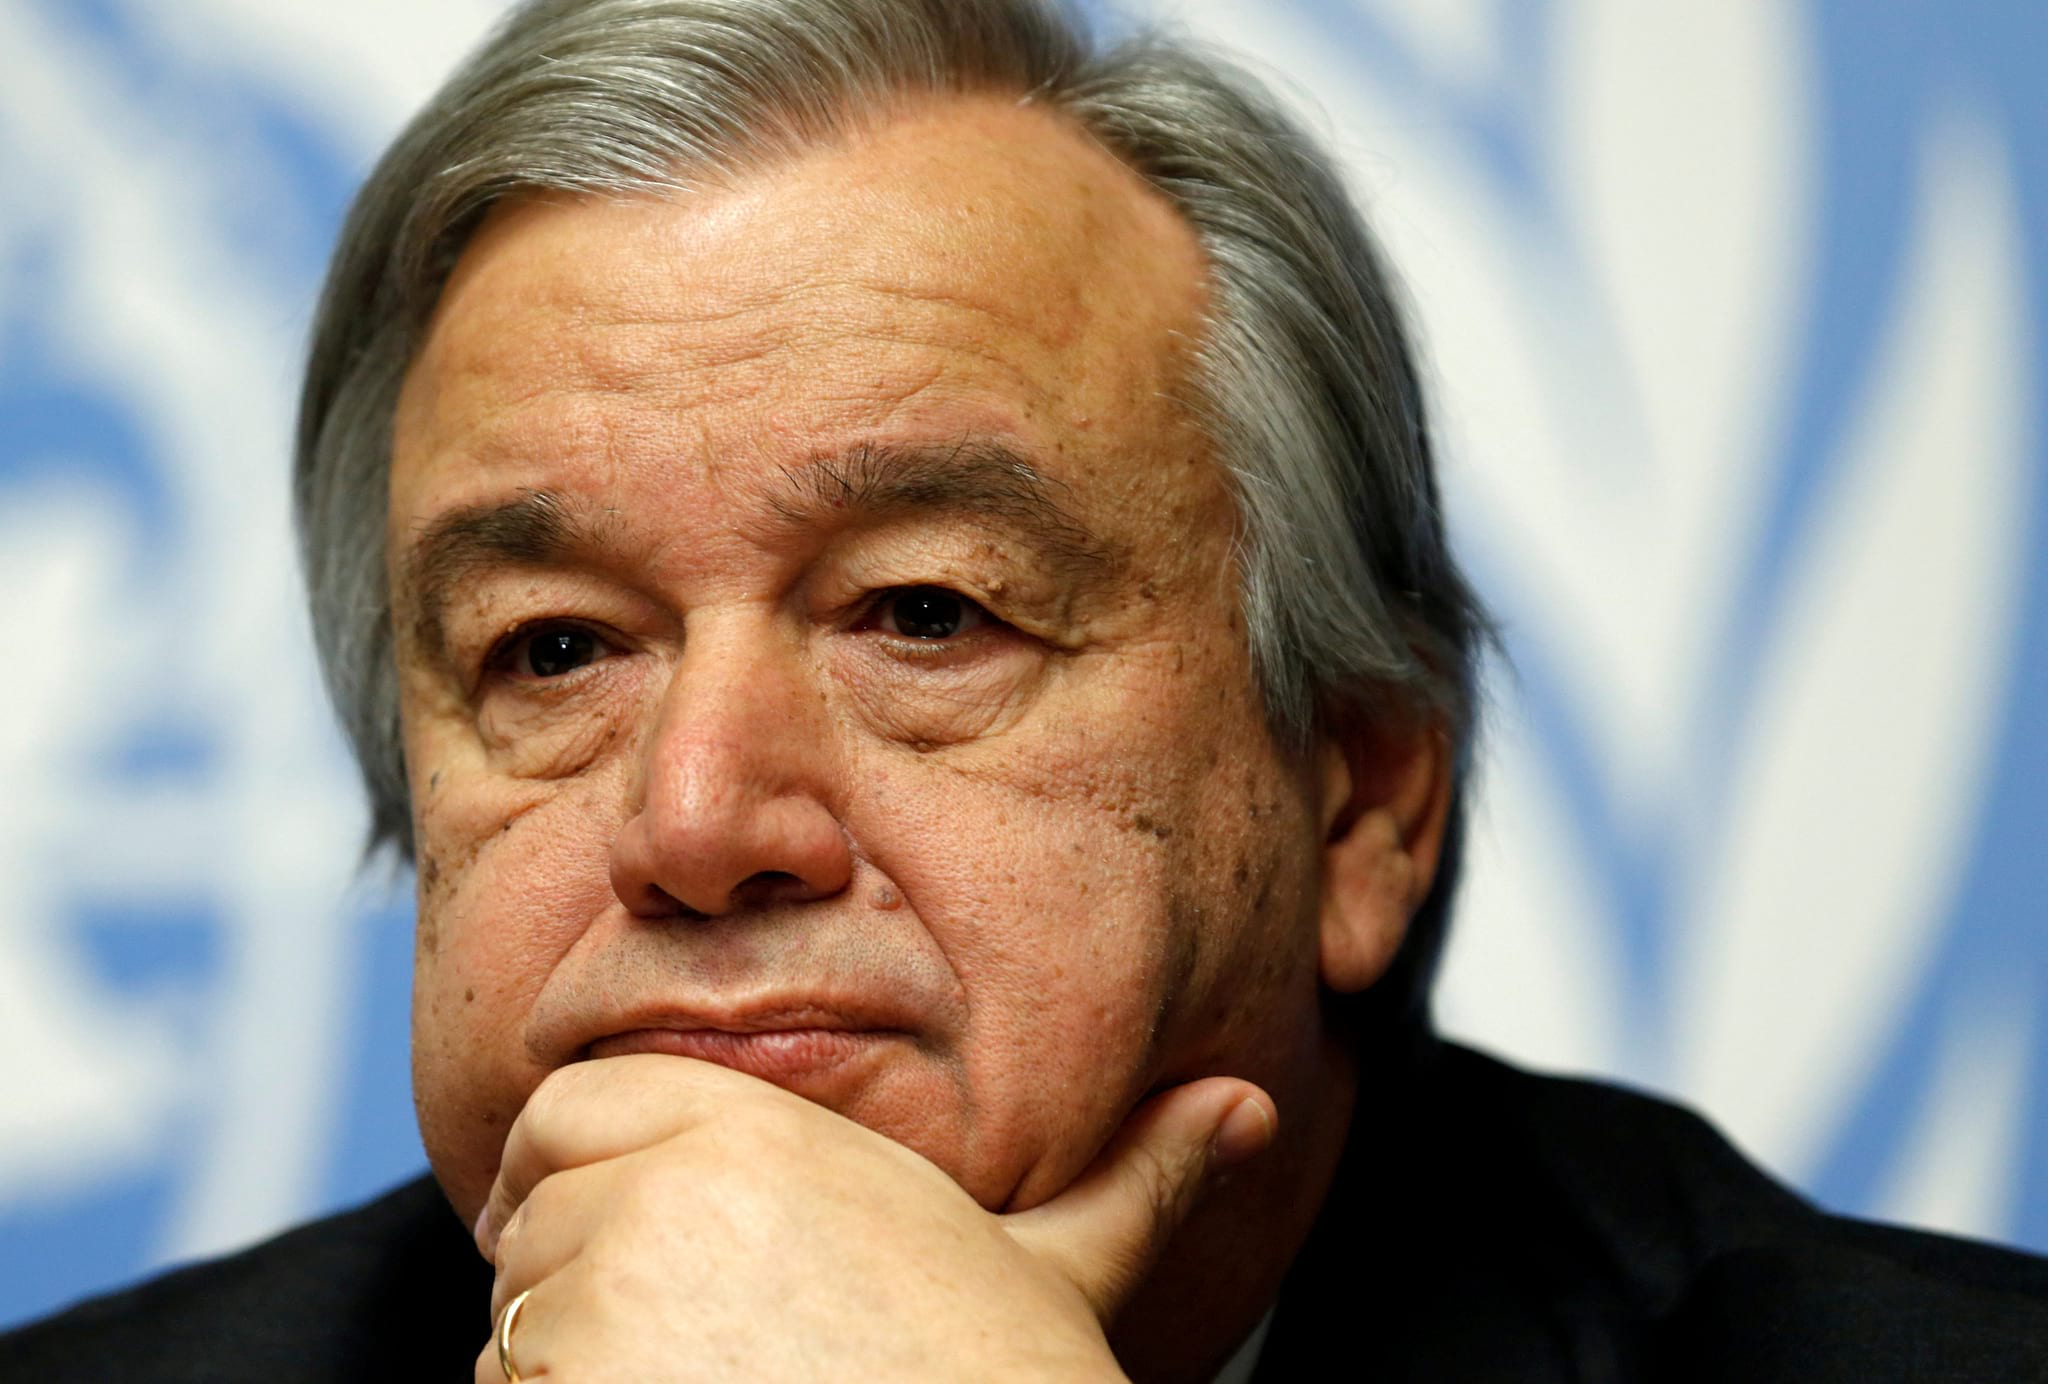 Reuters/Denis Balibouse / Reuters